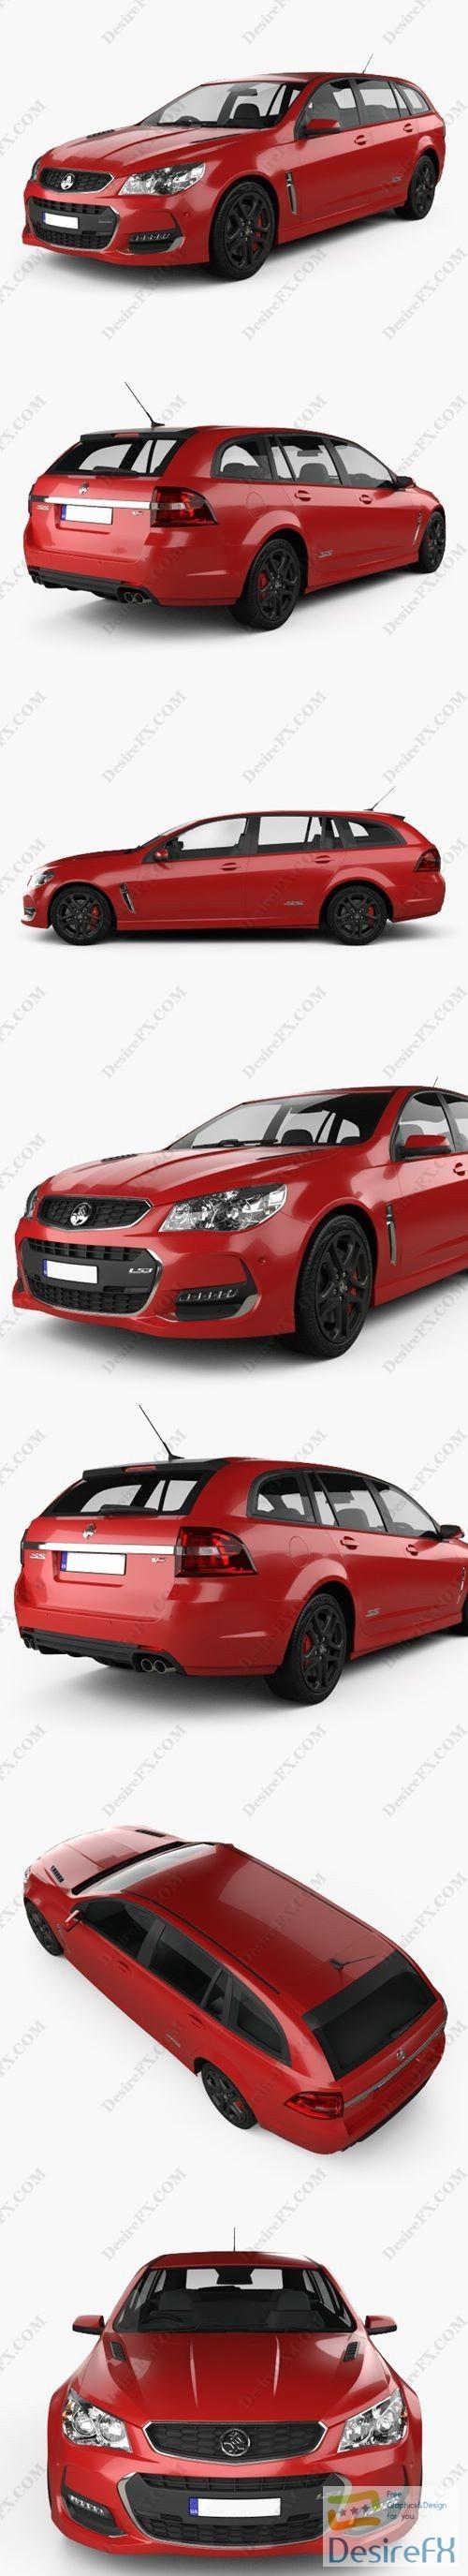 3d-models - Holden Commodore SS-V Redline Sportwagon 2015 3D Model